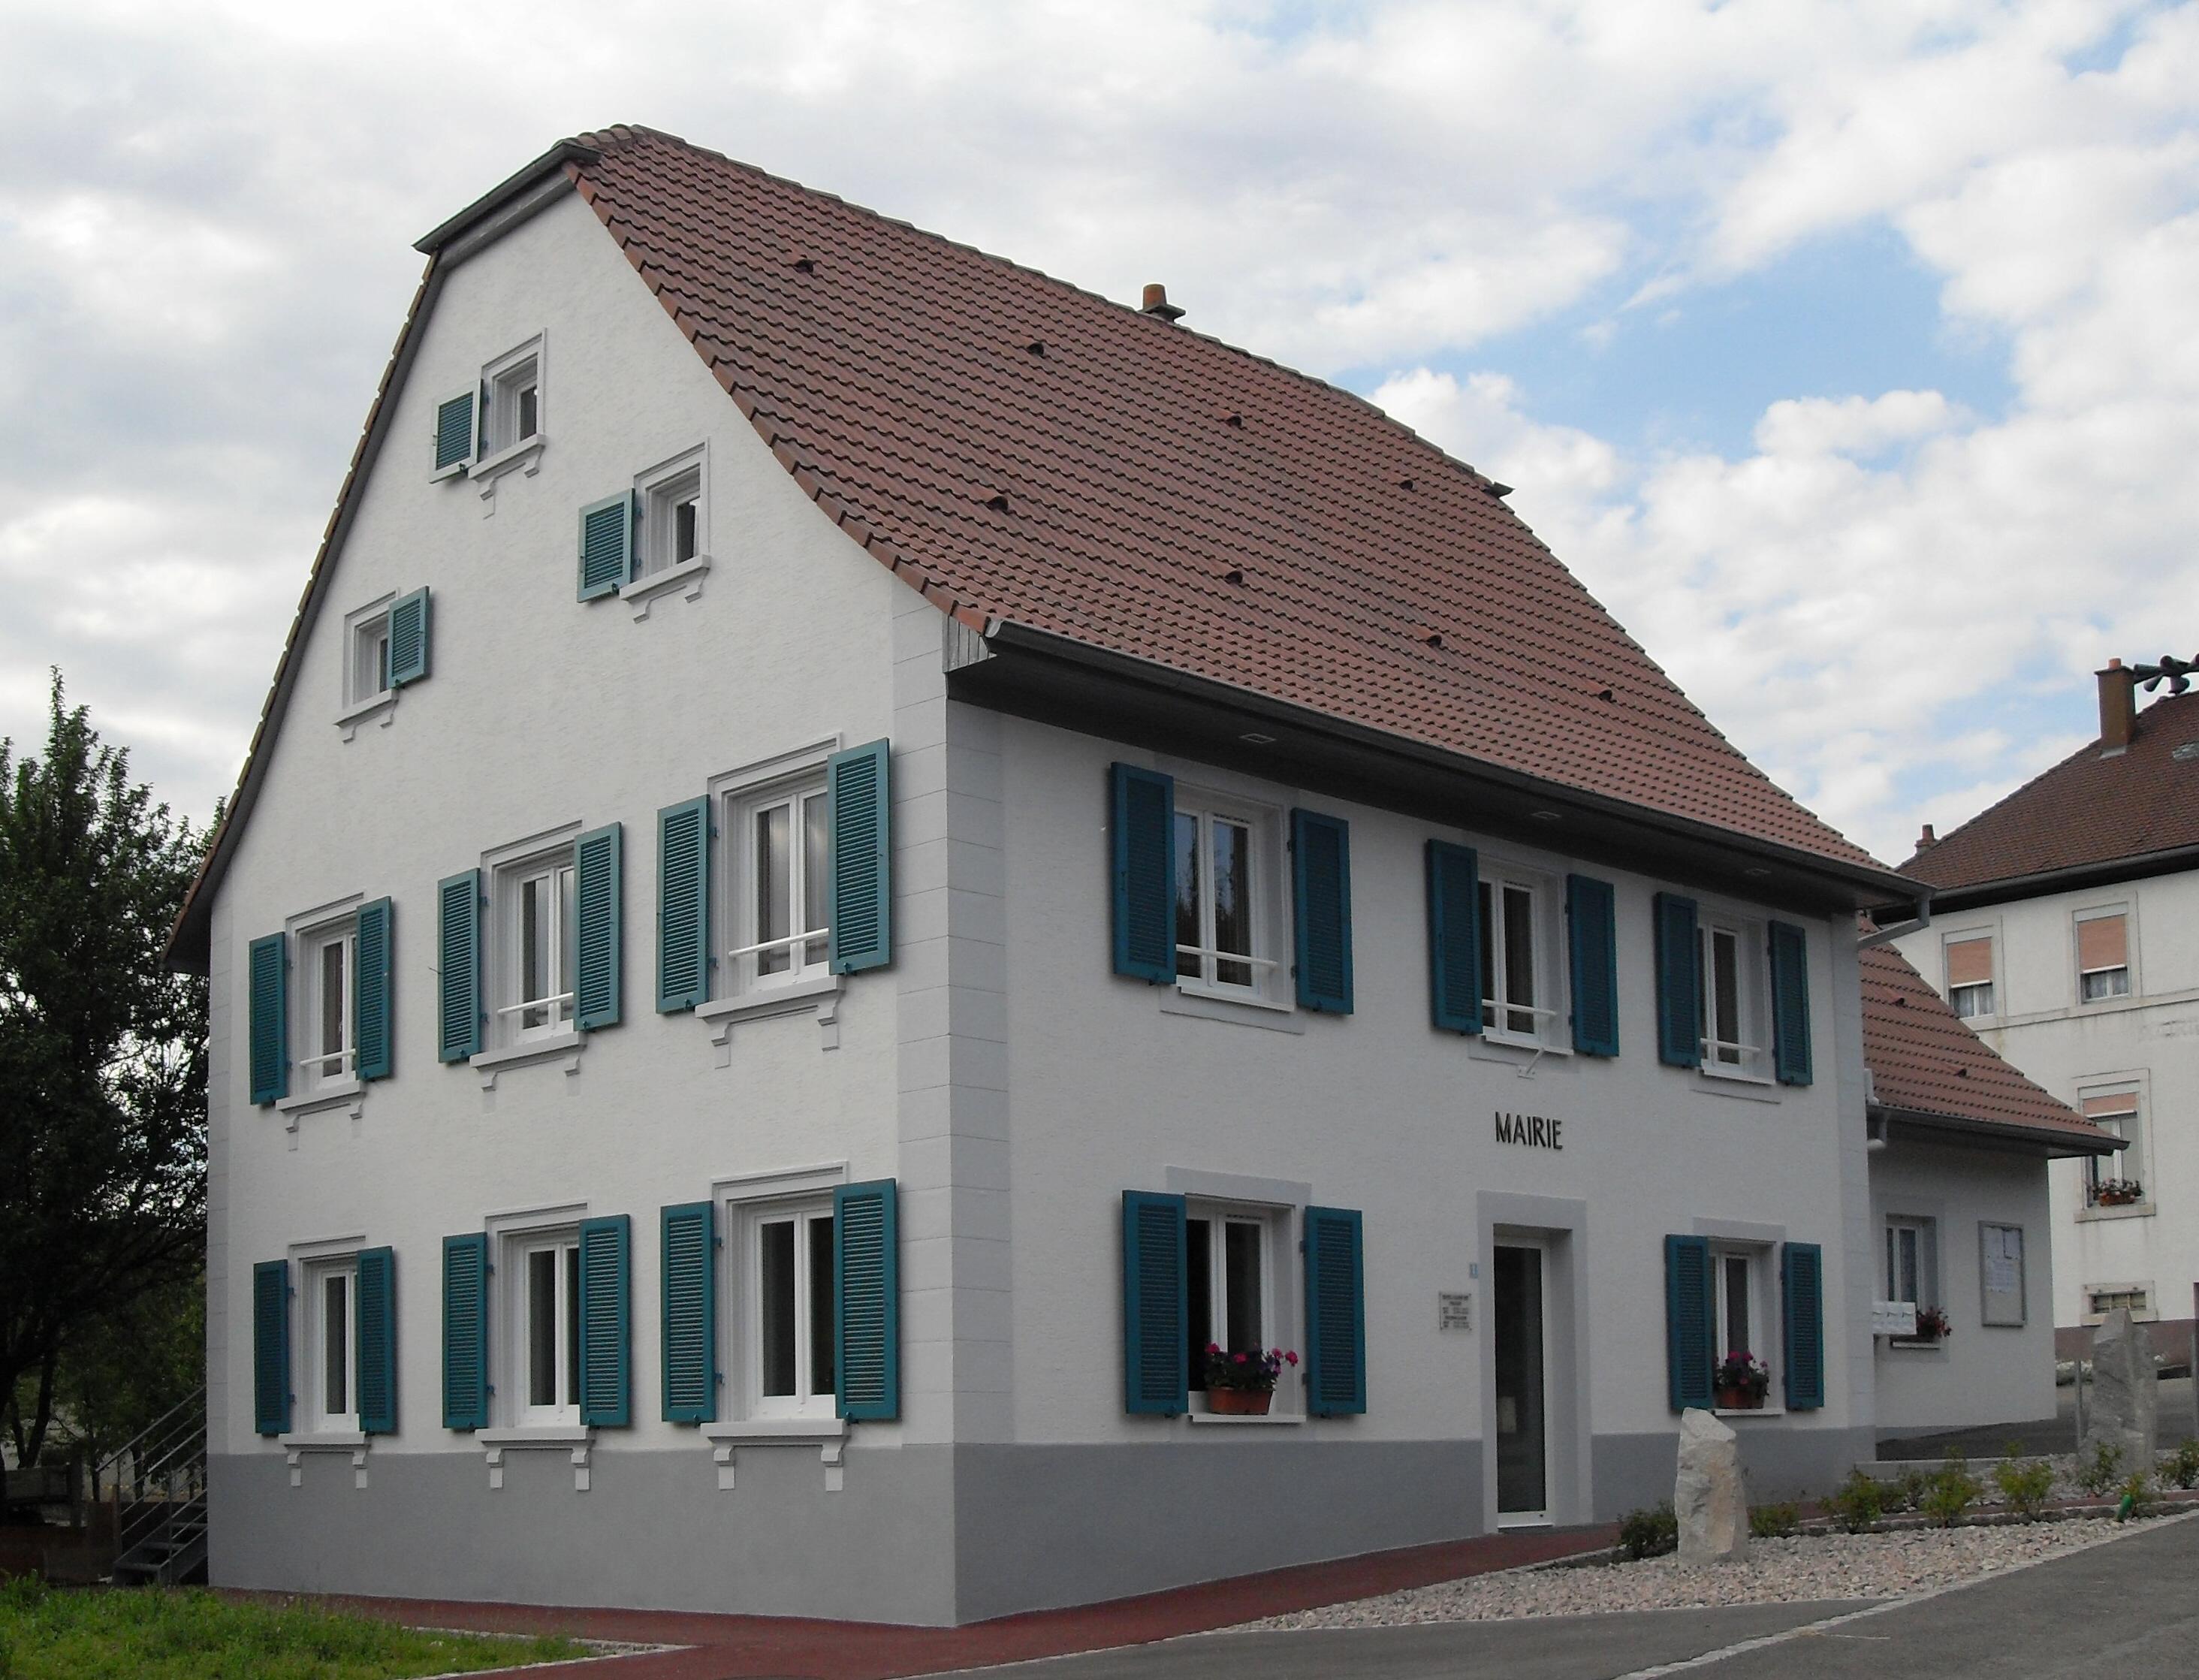 Levoncourt, Haut-Rhin